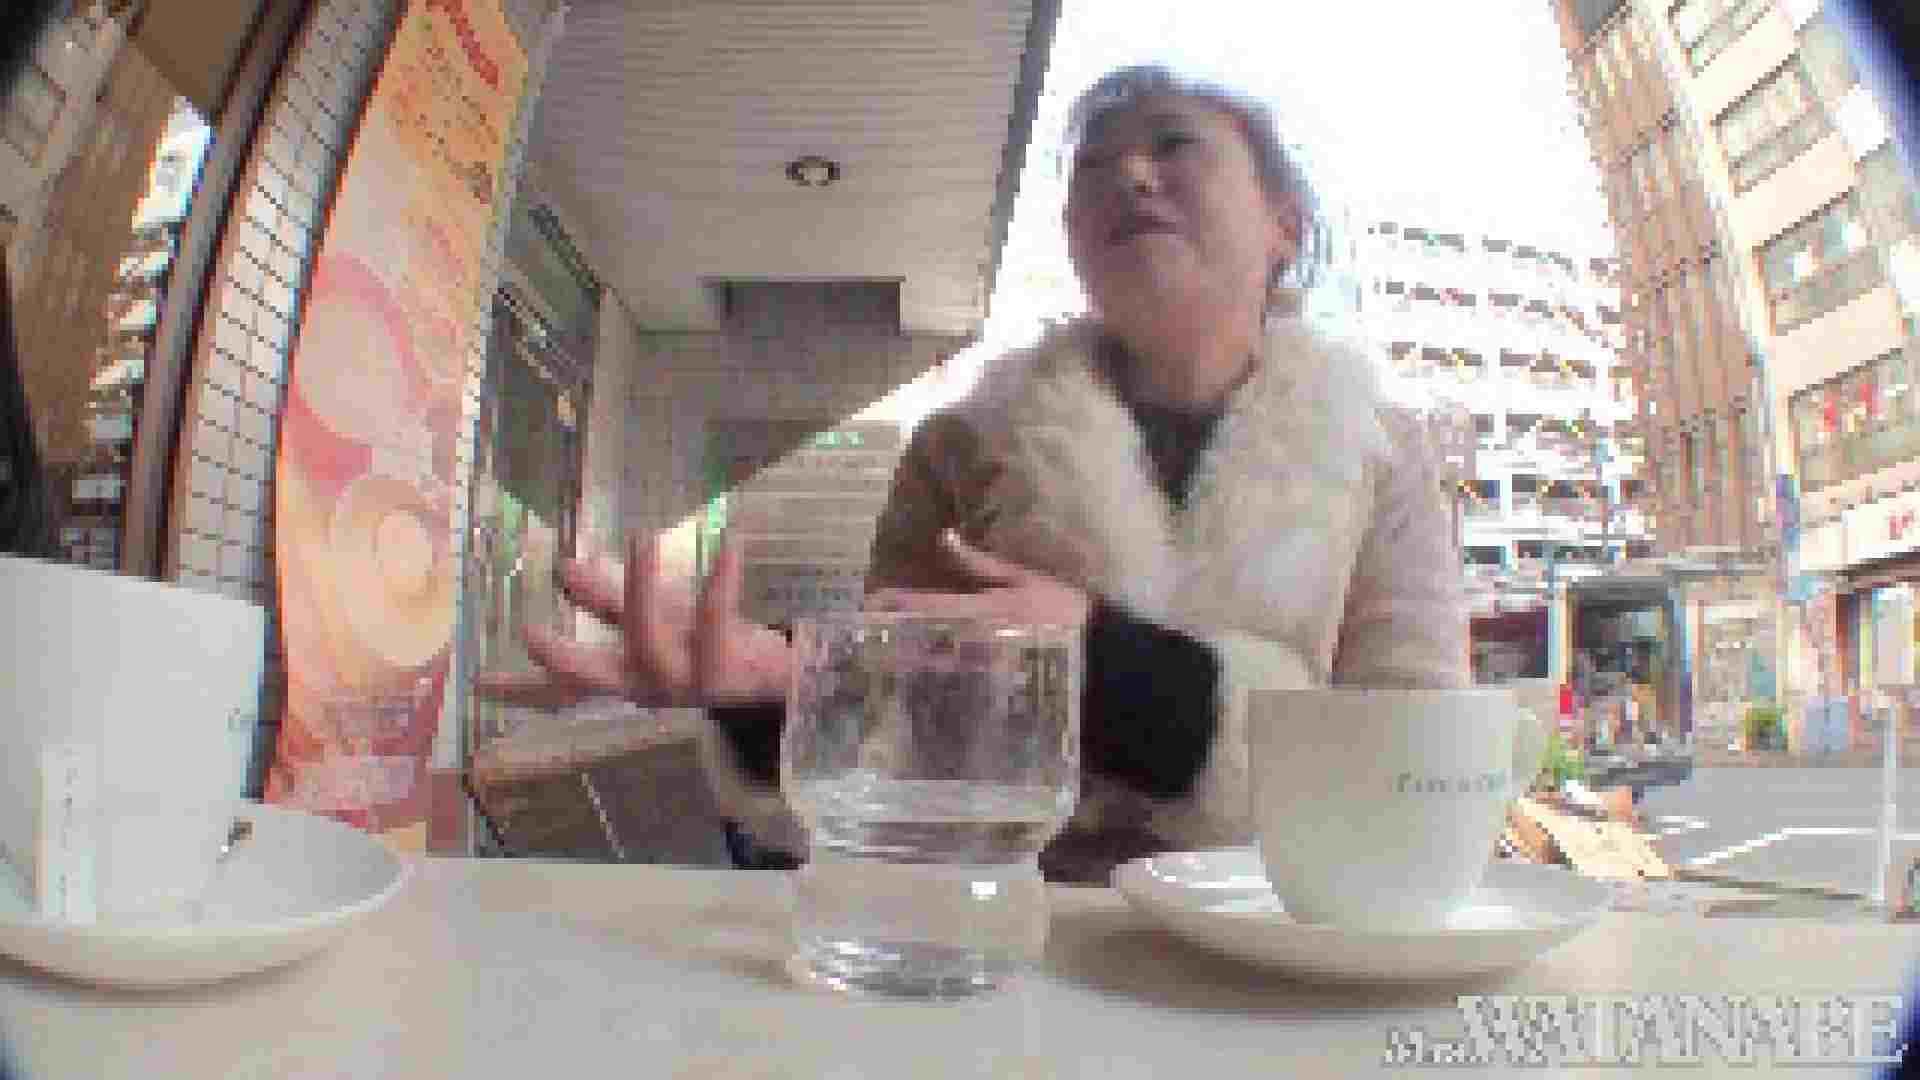 撮影スタッフを誘惑する痴熟女 かおり40歳 Vol.01 素人 オマンコ動画キャプチャ 82pic 53